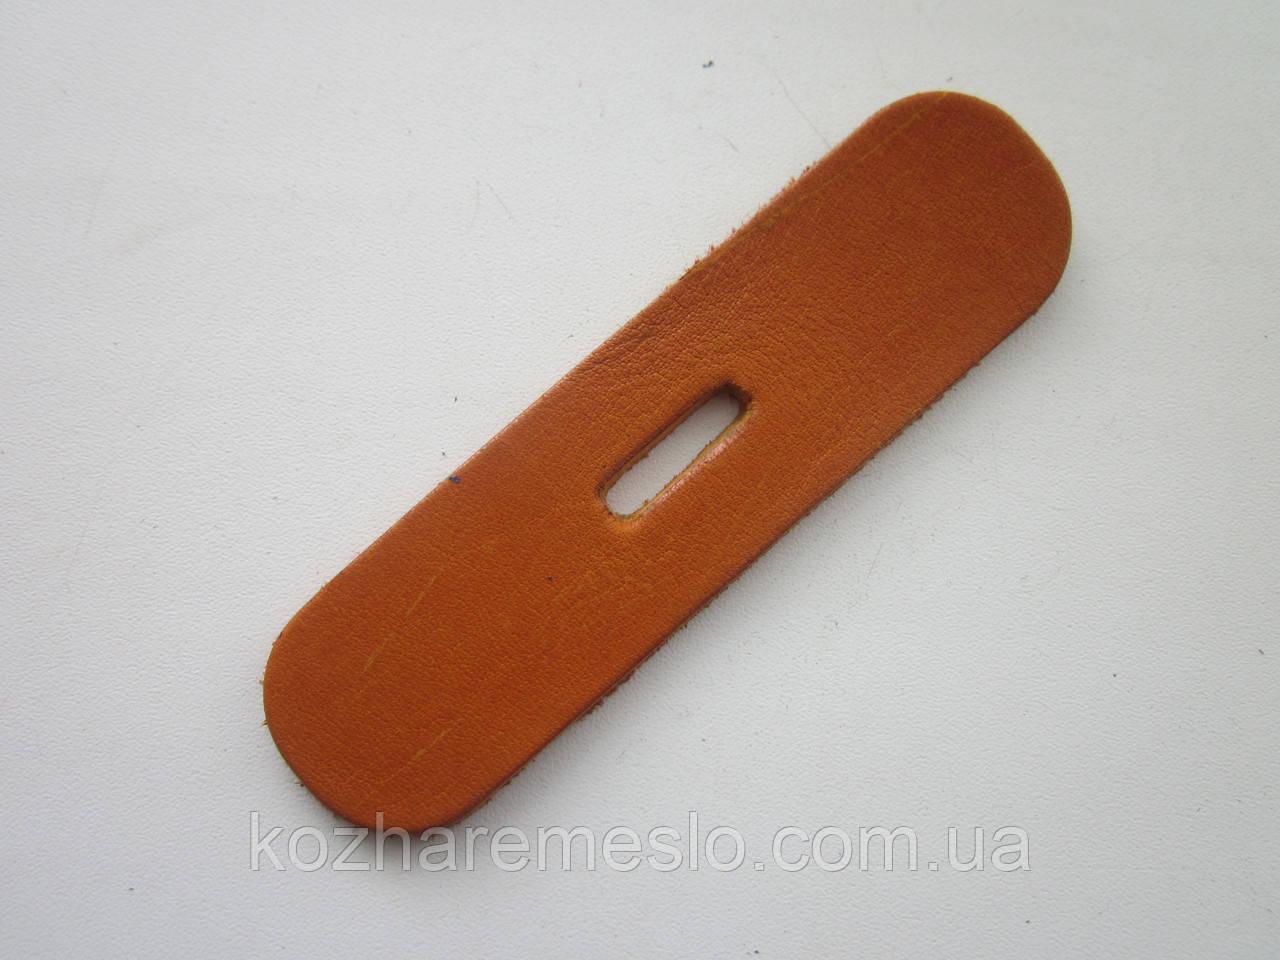 Запряжник из кожи хромового дубления без финишного покрытия (краст) 25 мм, толщина 3.5 мм (УКРАИНА)